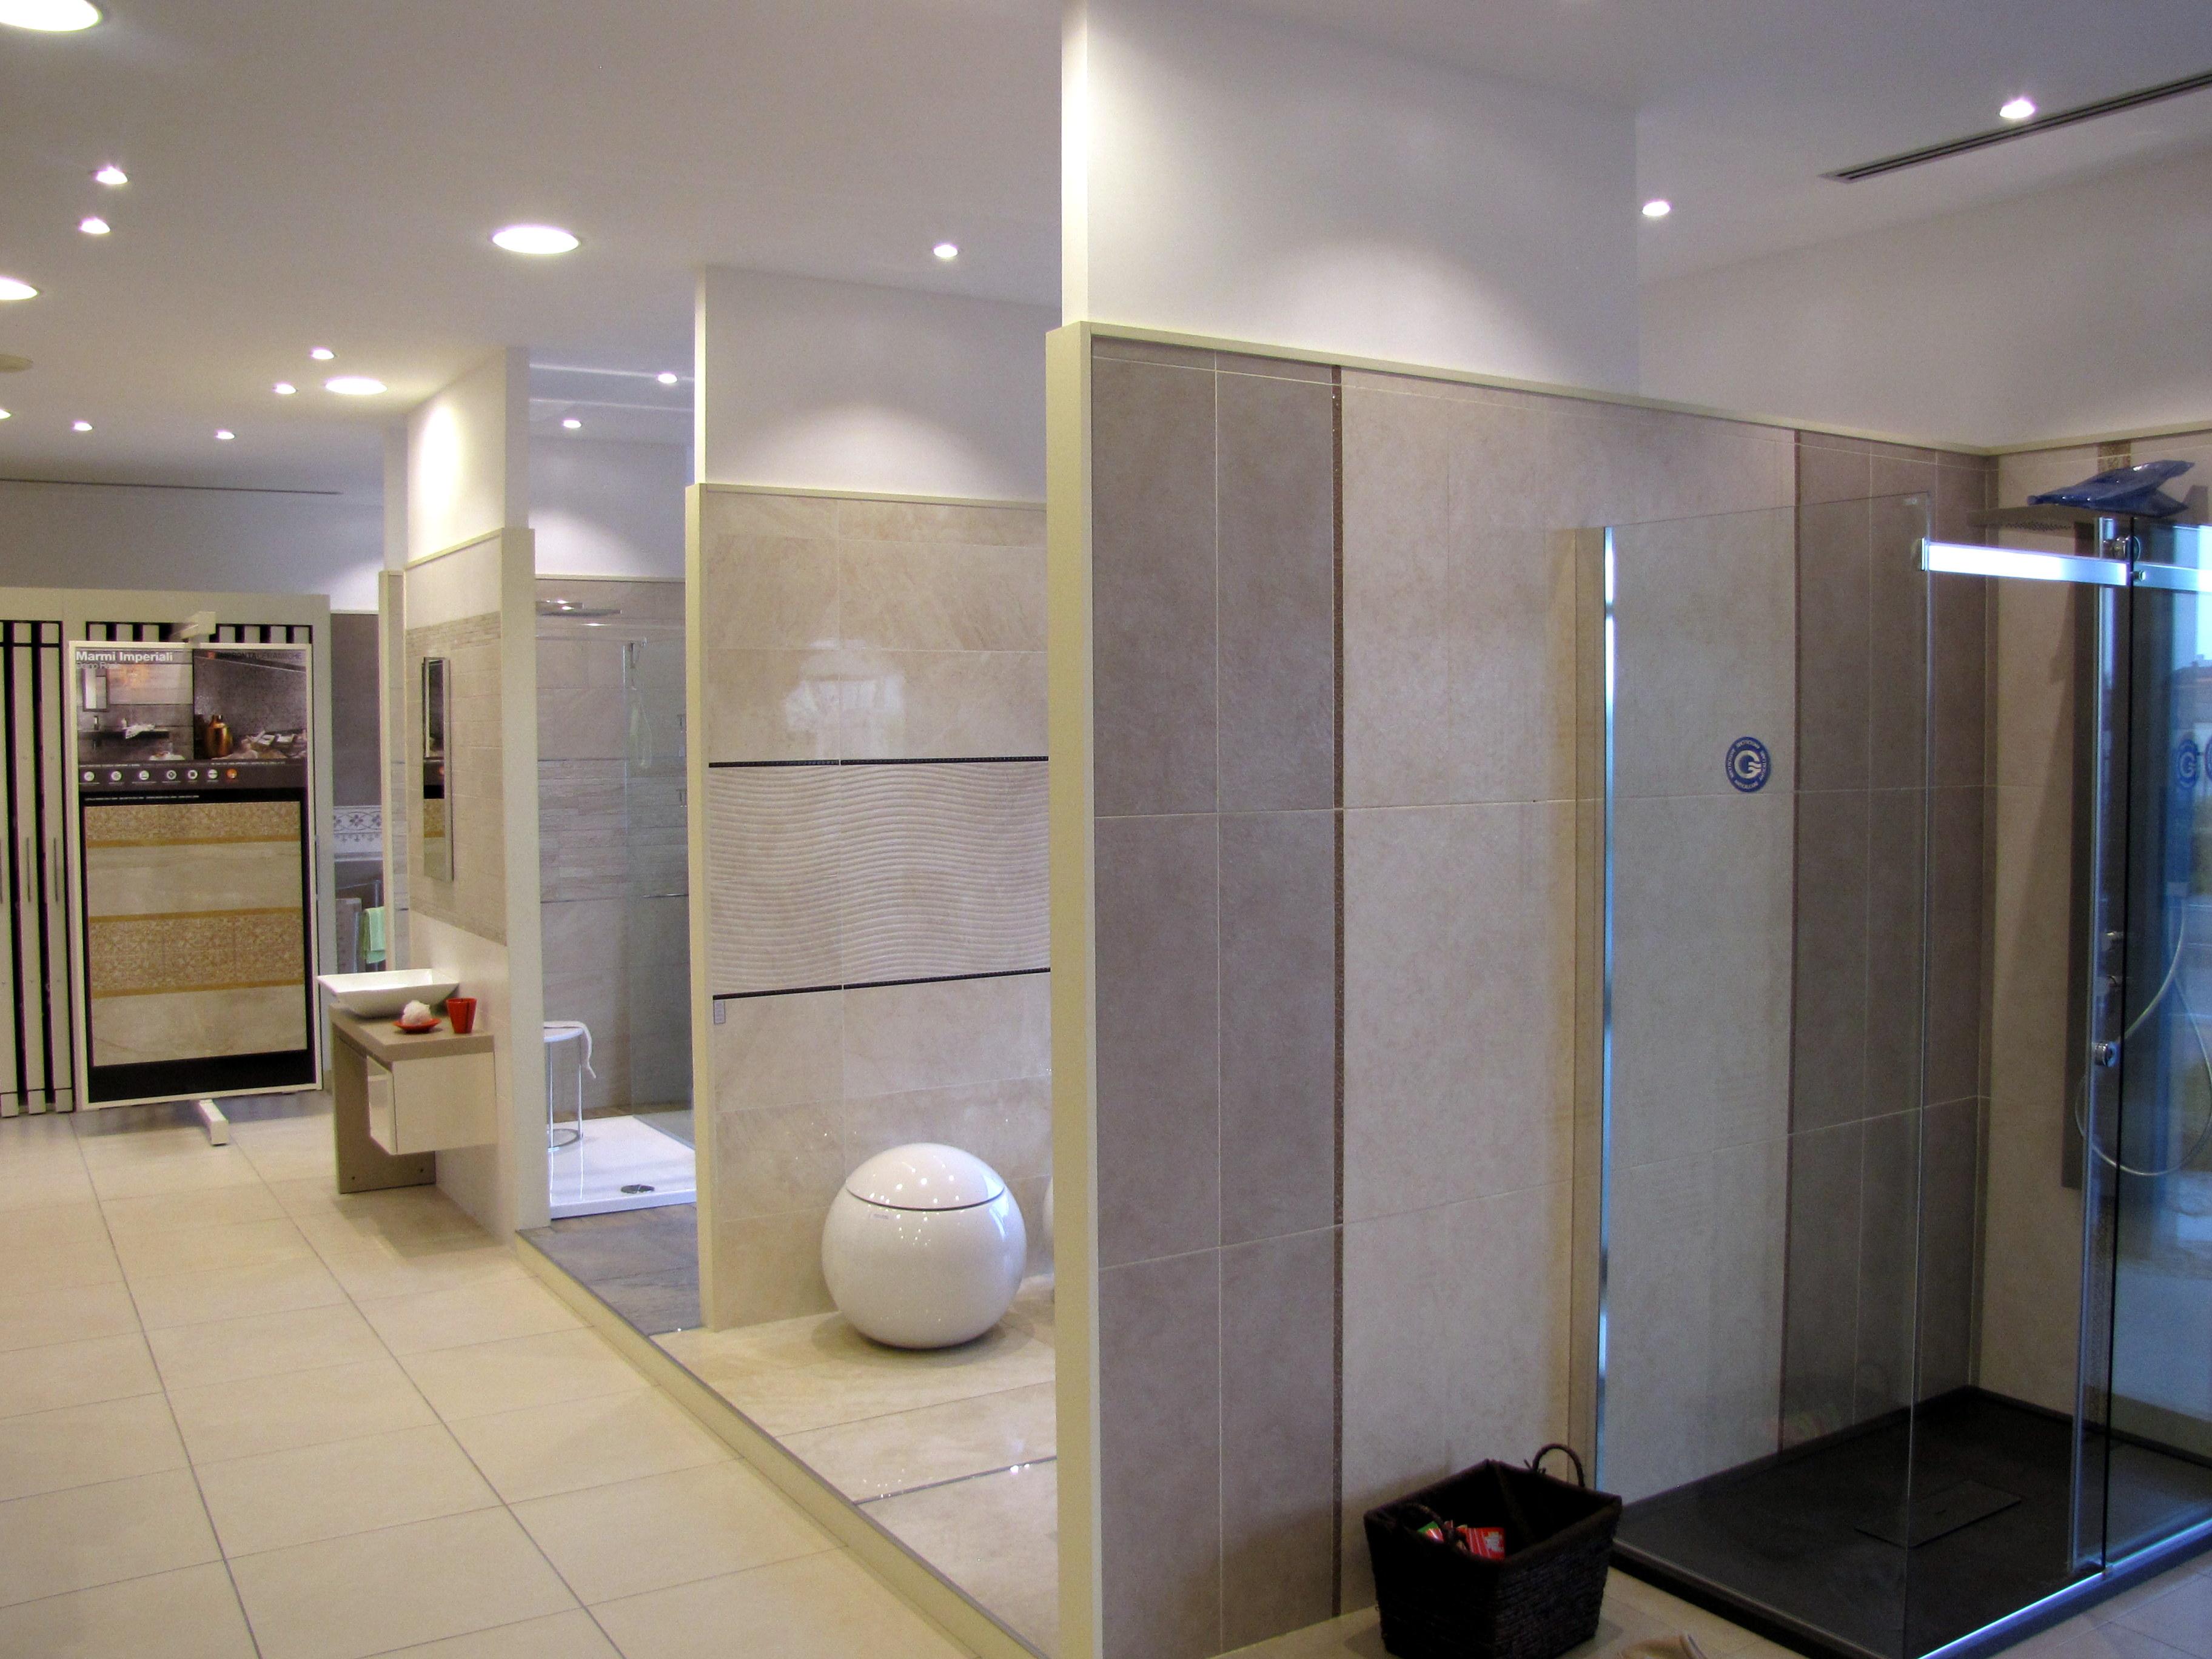 Vendita mobili bagno da esposizione good panoramica zona for Vendita mobili bagno